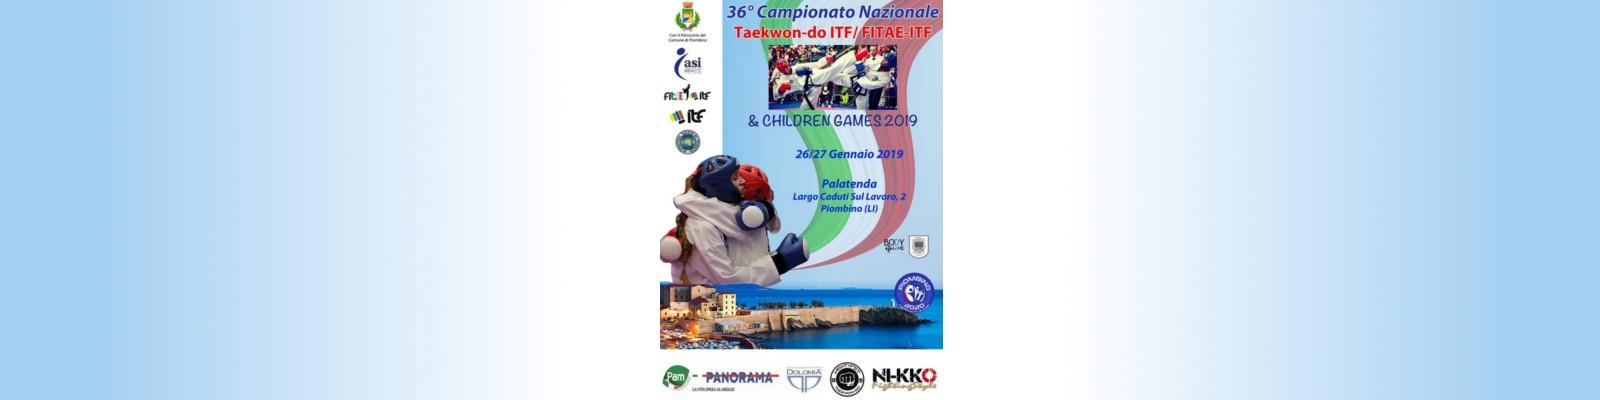 Calendario Itf.Itf Italy Campionato Nazionale Fitae Itf 2019